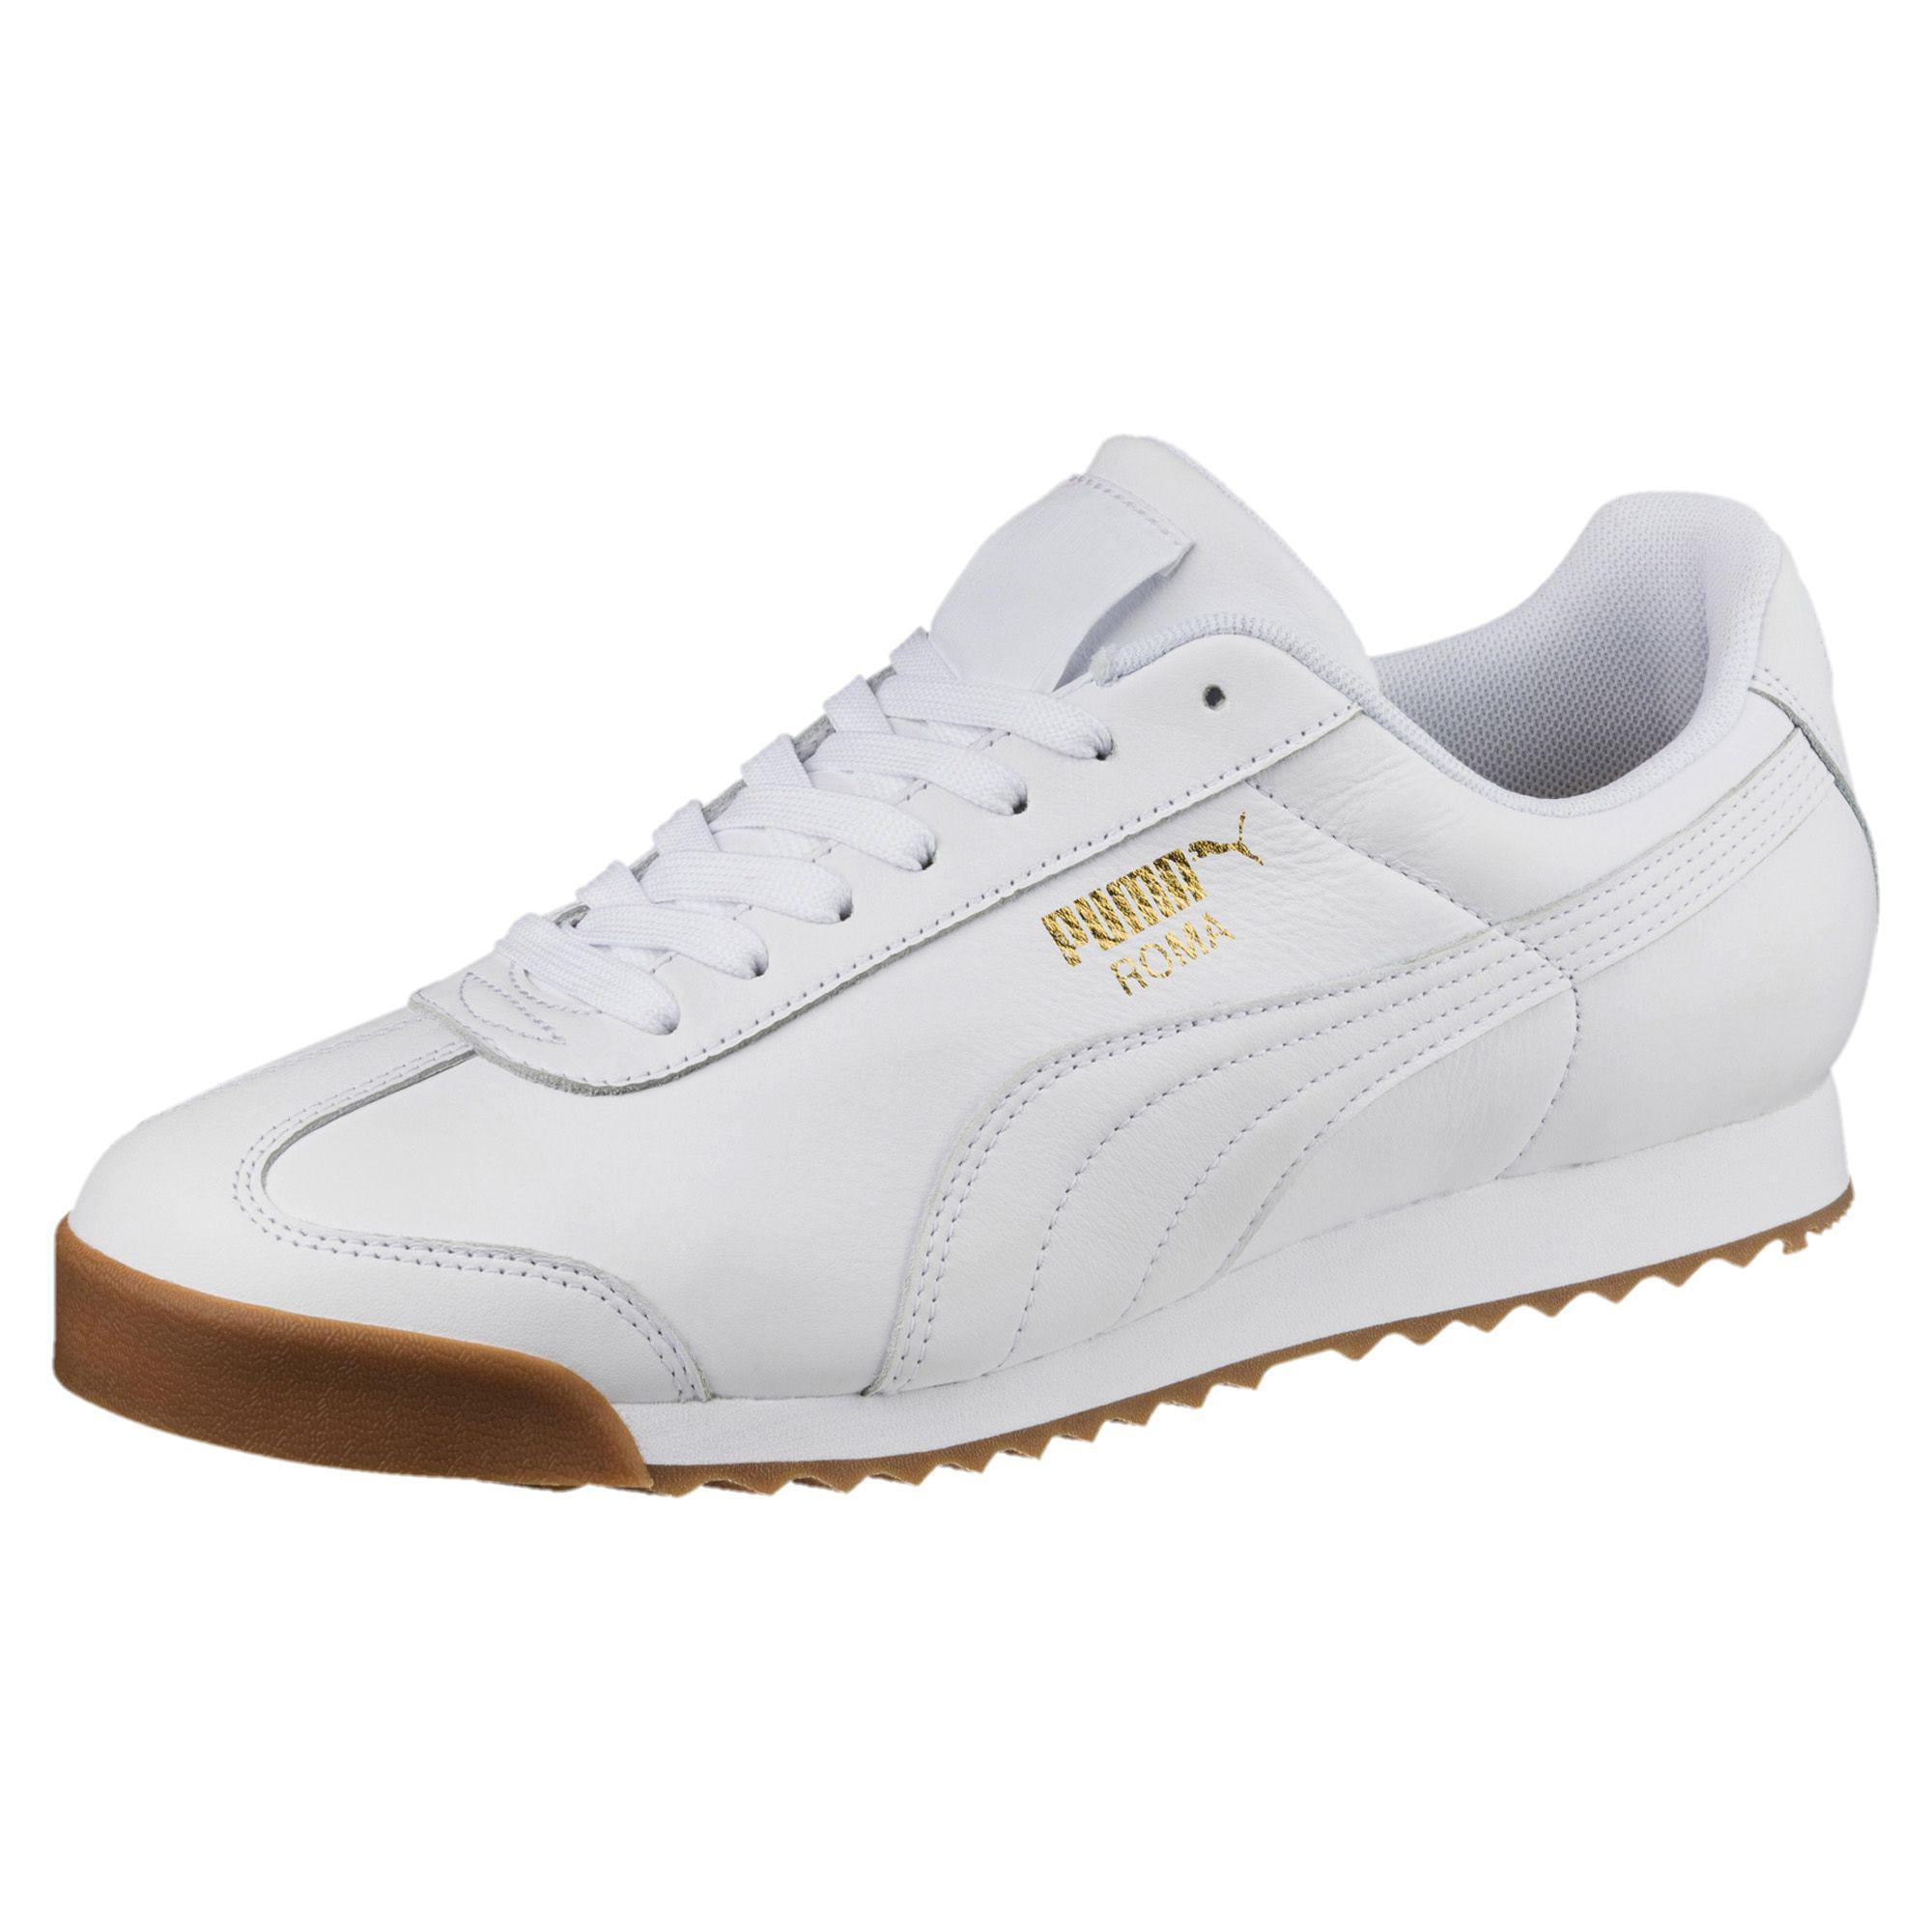 Lyst - PUMA Roma Classic Gum Sneakers in White 5f70d920a